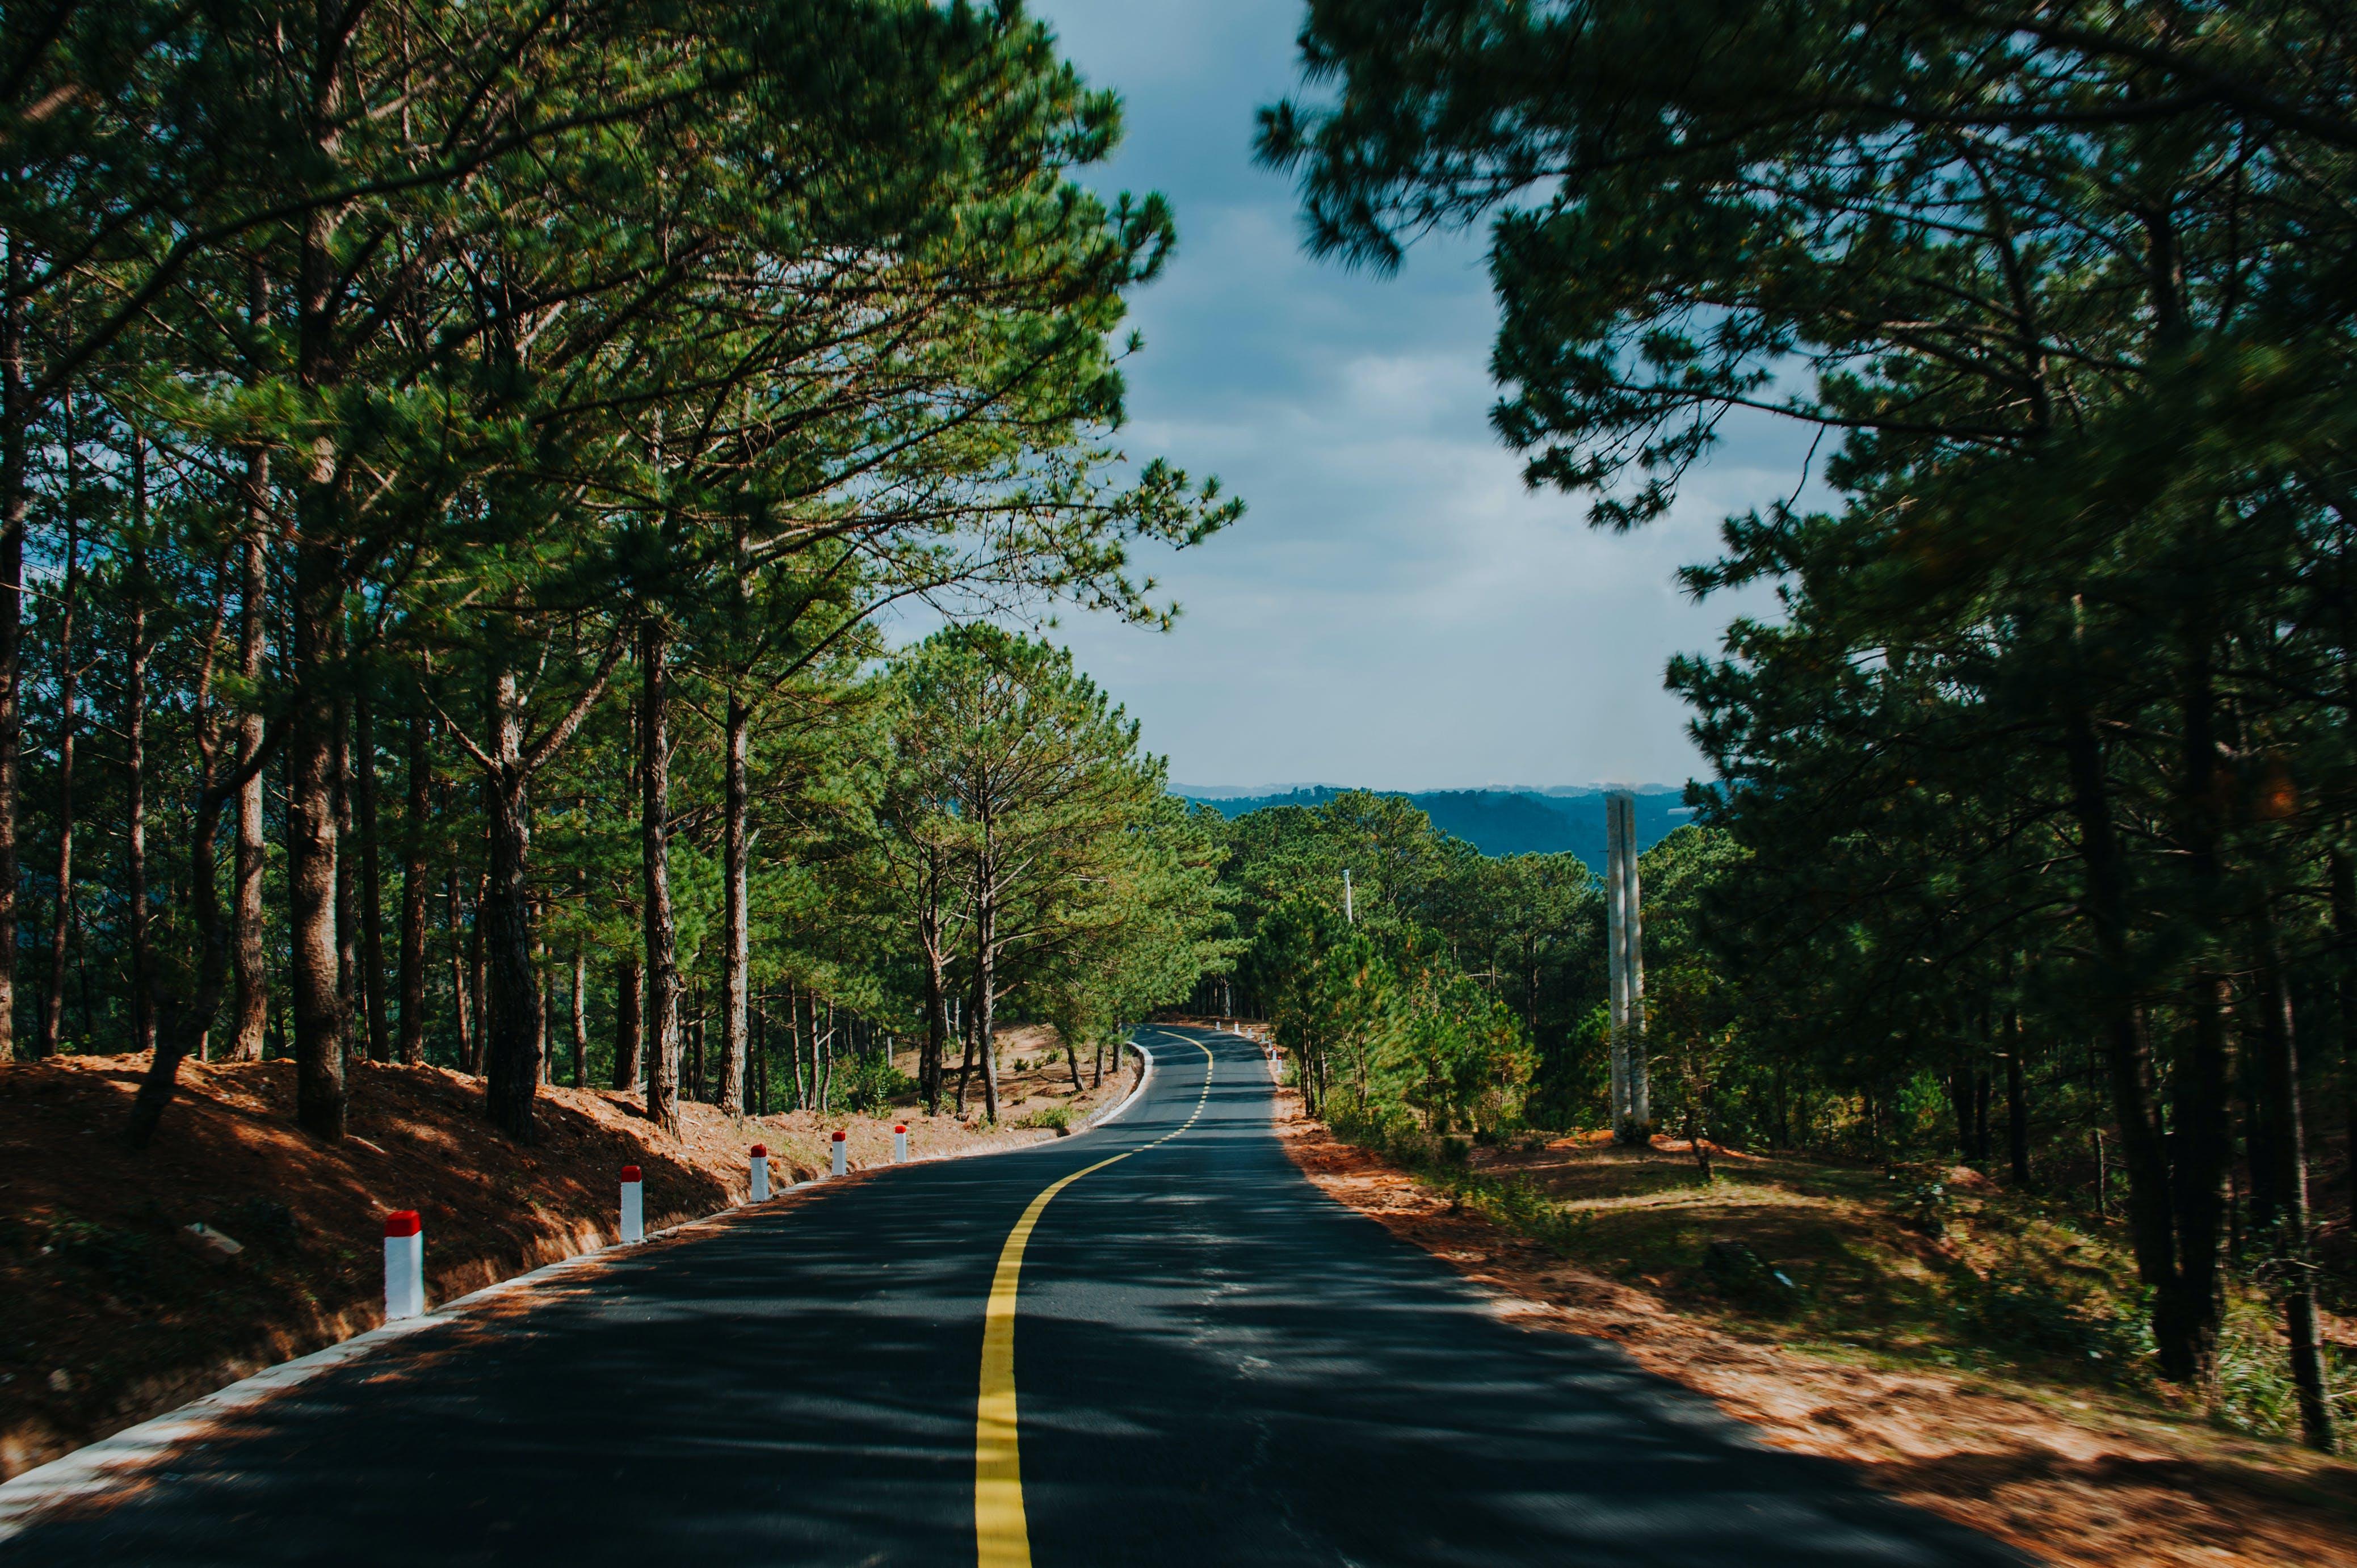 Foto d'estoc gratuïta de alba, arbres, asfalt, autopista